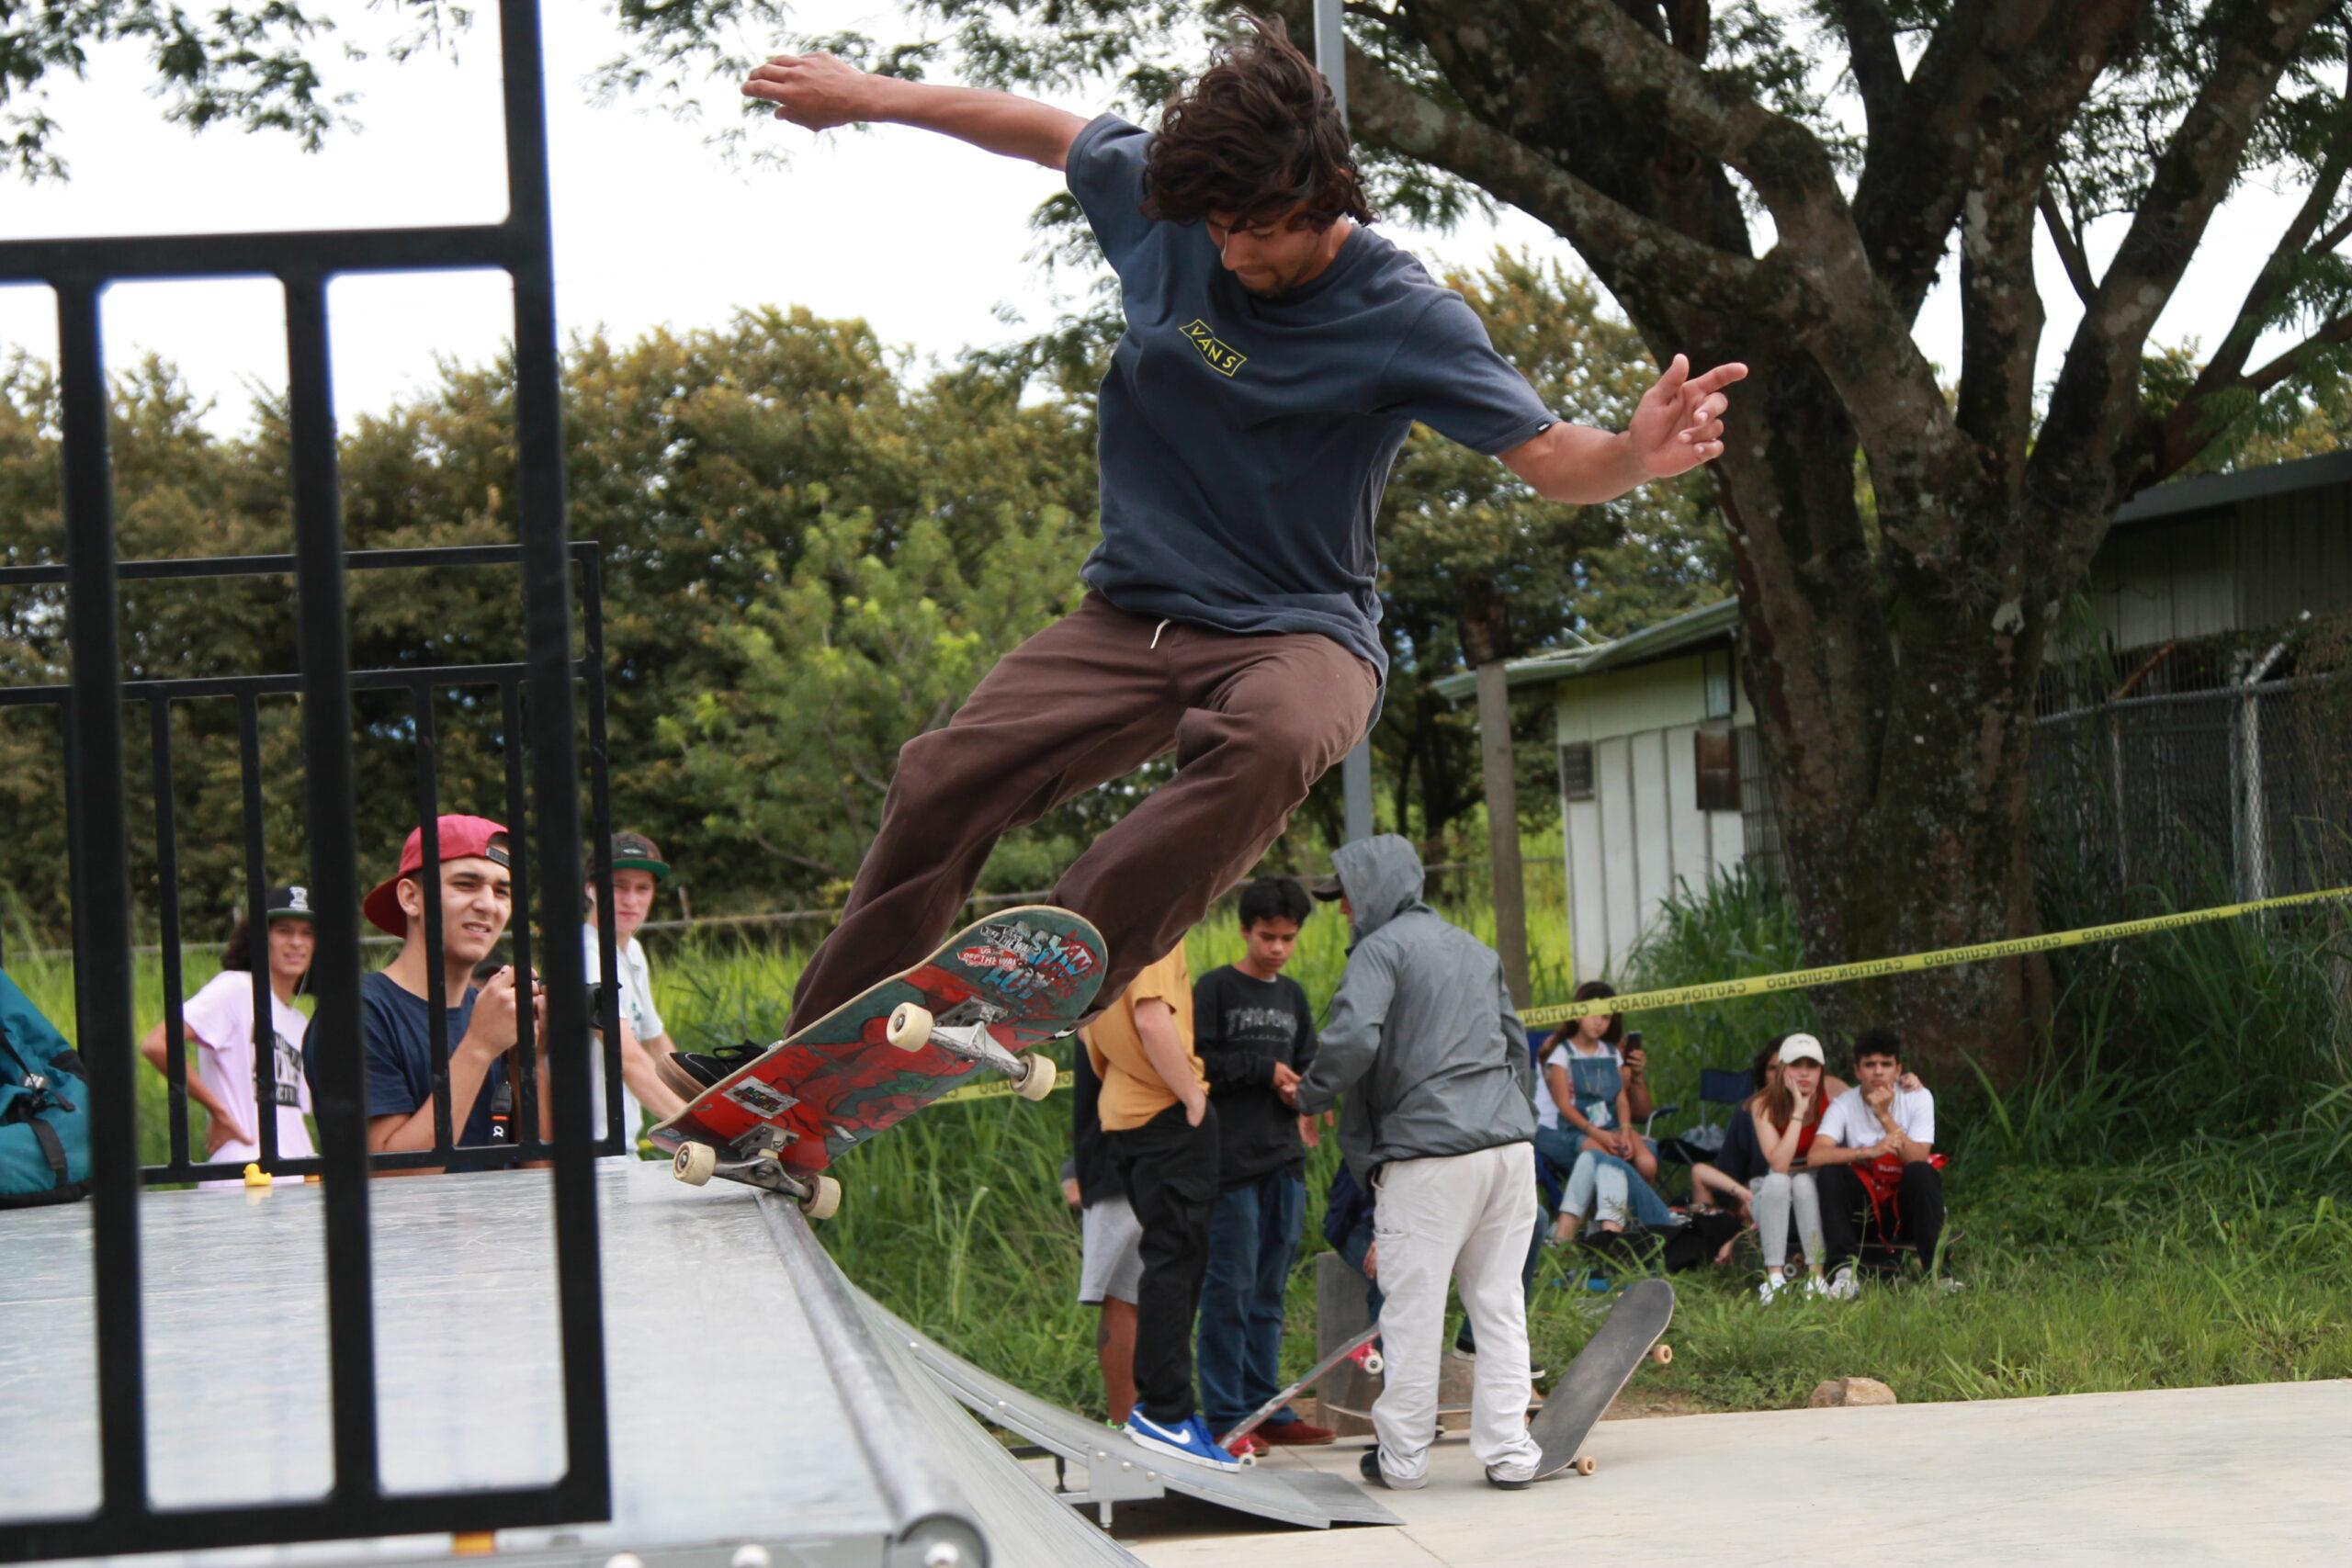 Campeonato Nacional de Skateboarding lleno de alegría y emoción Santa Ana